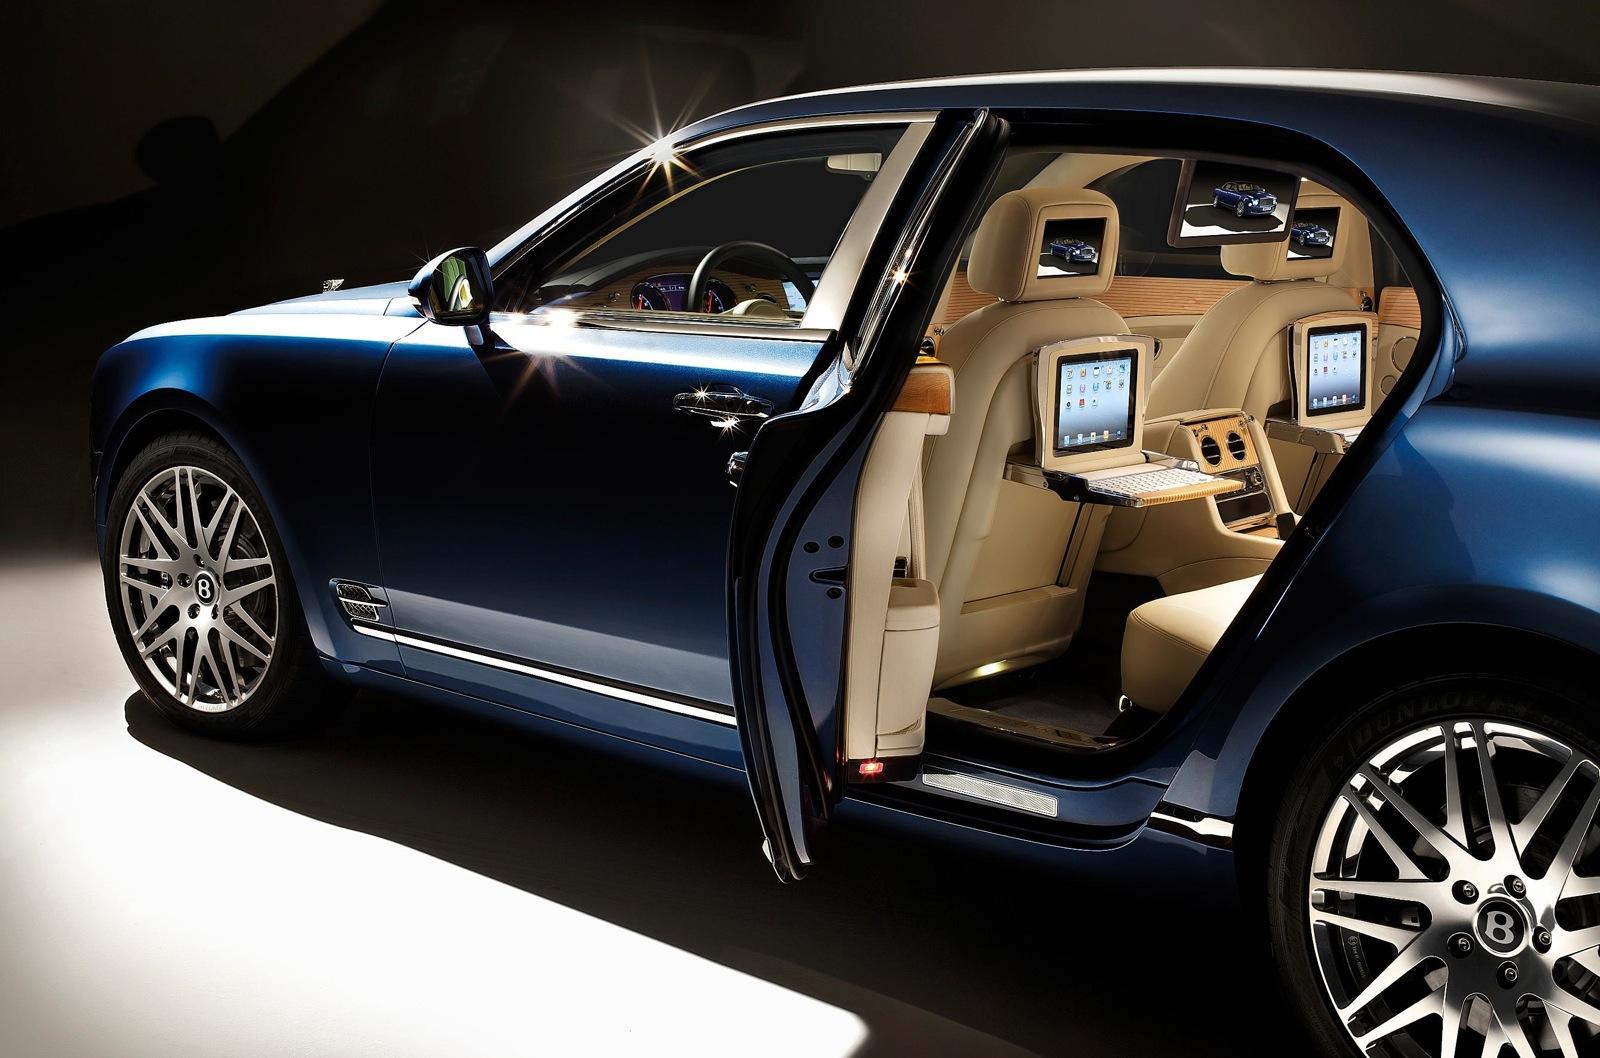 2012 Bentley Mulsanne Executive Interior Choices Announced